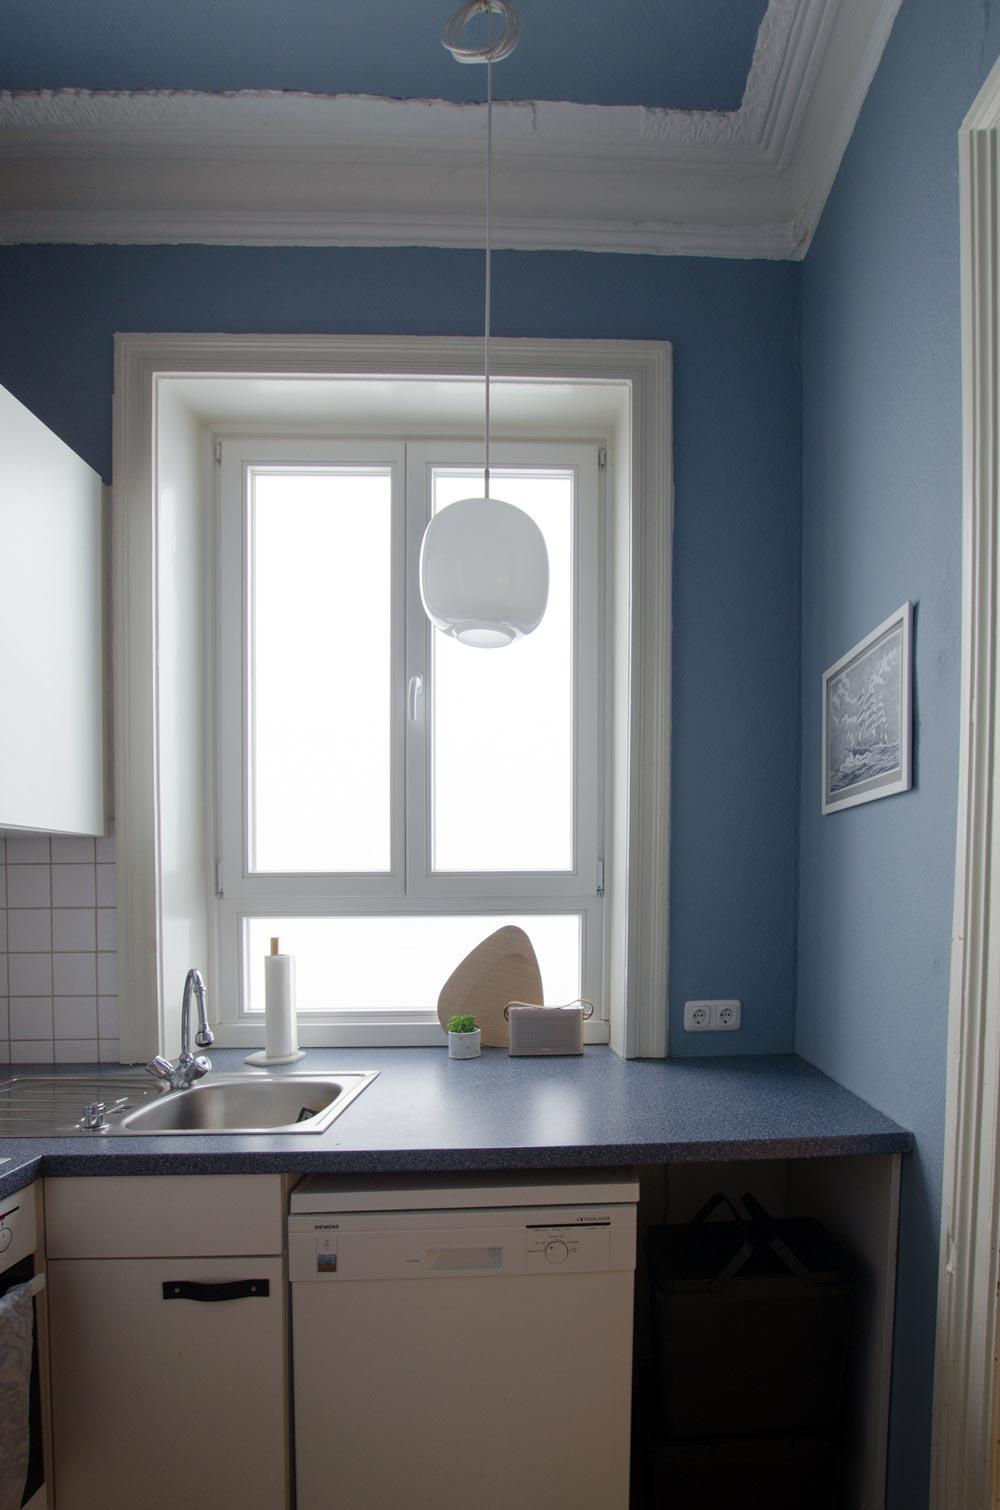 K chenumgestaltung in der neuen wohnung ganz ohne neue m bel von innen - Fenster beschlagen von innen wohnung ...